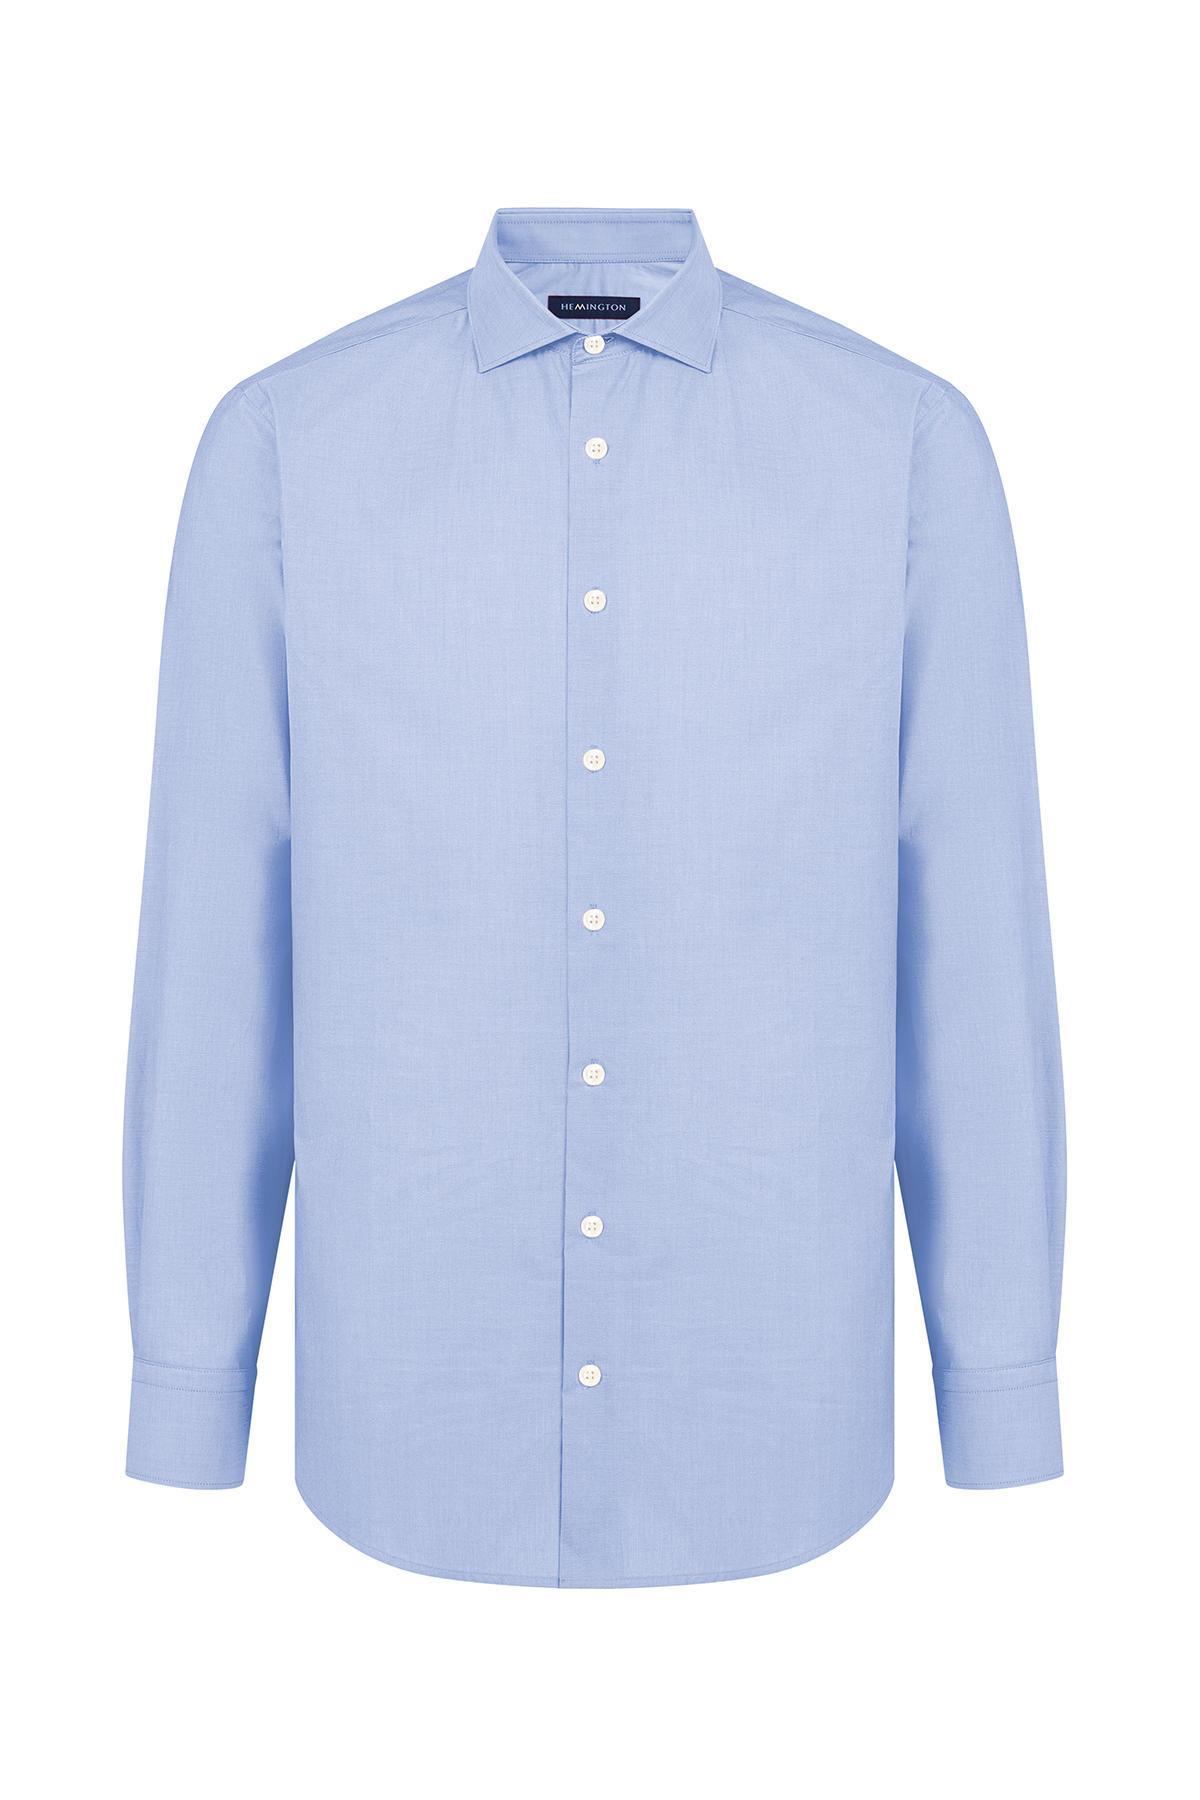 Açık Mavi İtalyan Yaka Pamuk Business Gömlek